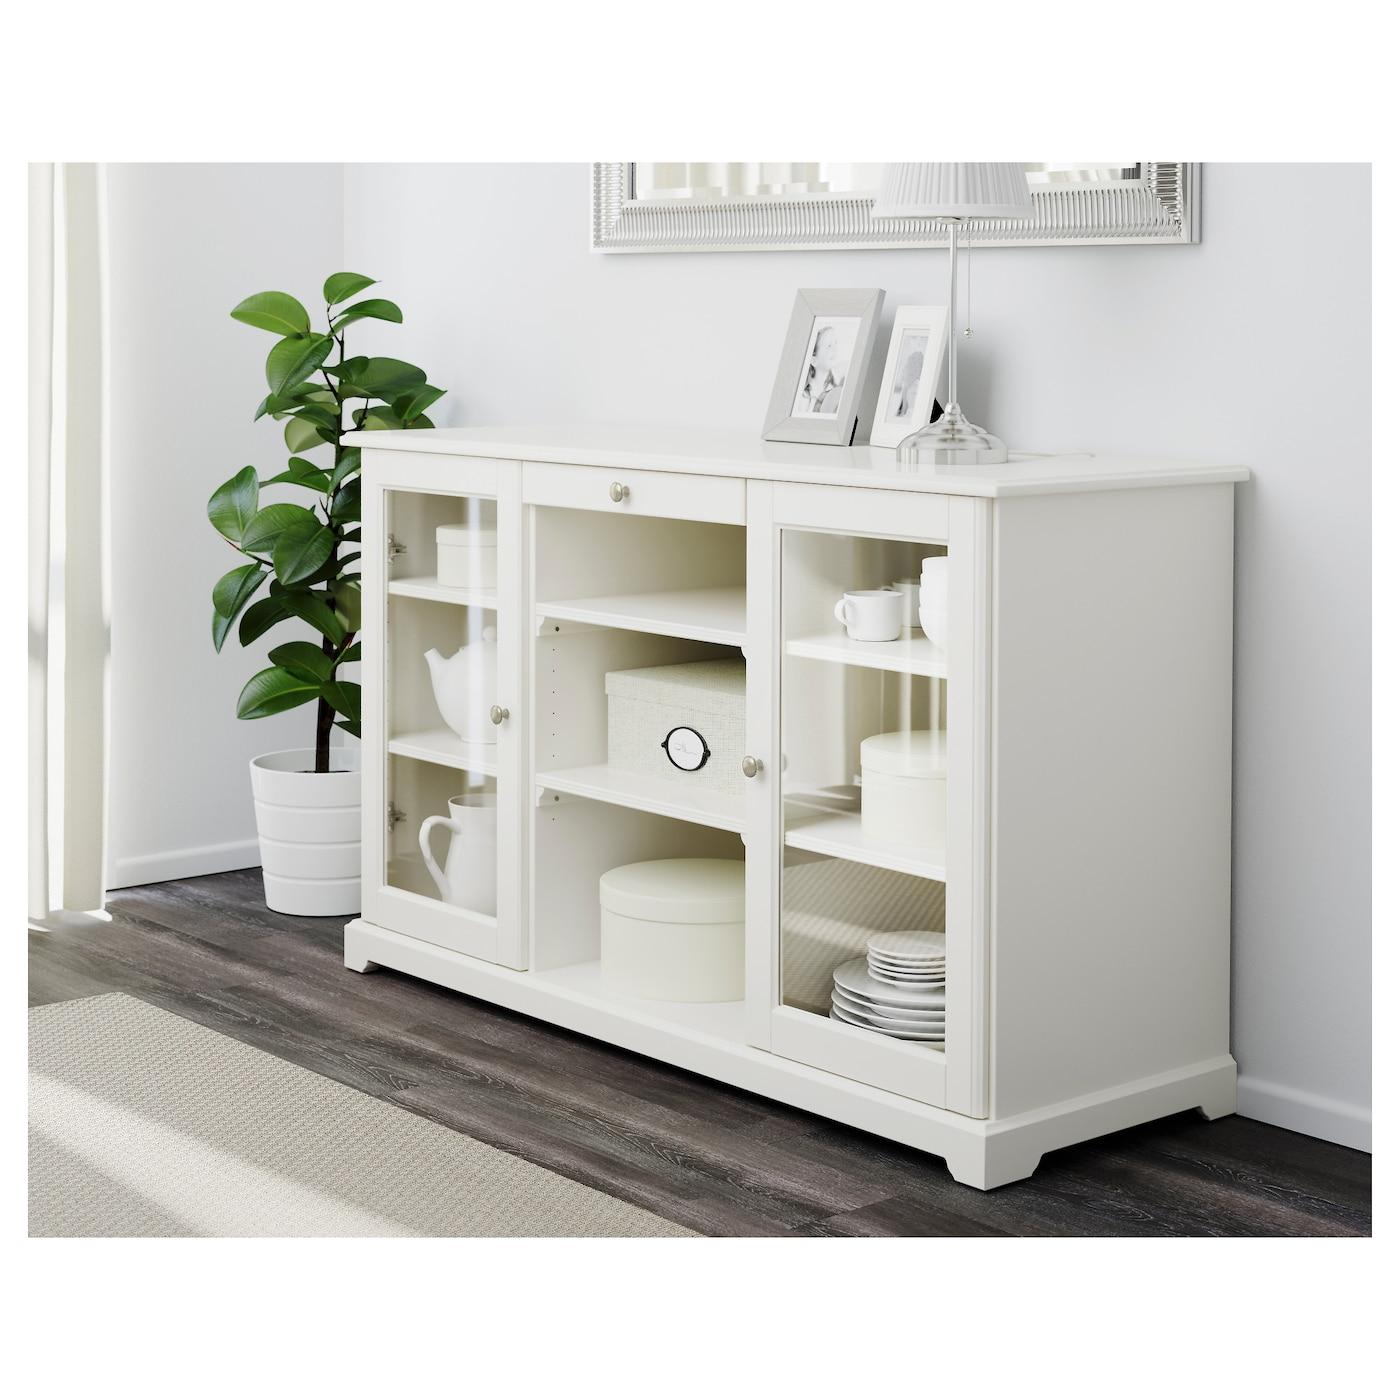 Full Size of Sideboard Ikea Liatorp White Betten Bei Küche Kosten Mit Arbeitsplatte Miniküche Modulküche Kaufen Wohnzimmer 160x200 Sofa Schlaffunktion Wohnzimmer Sideboard Ikea